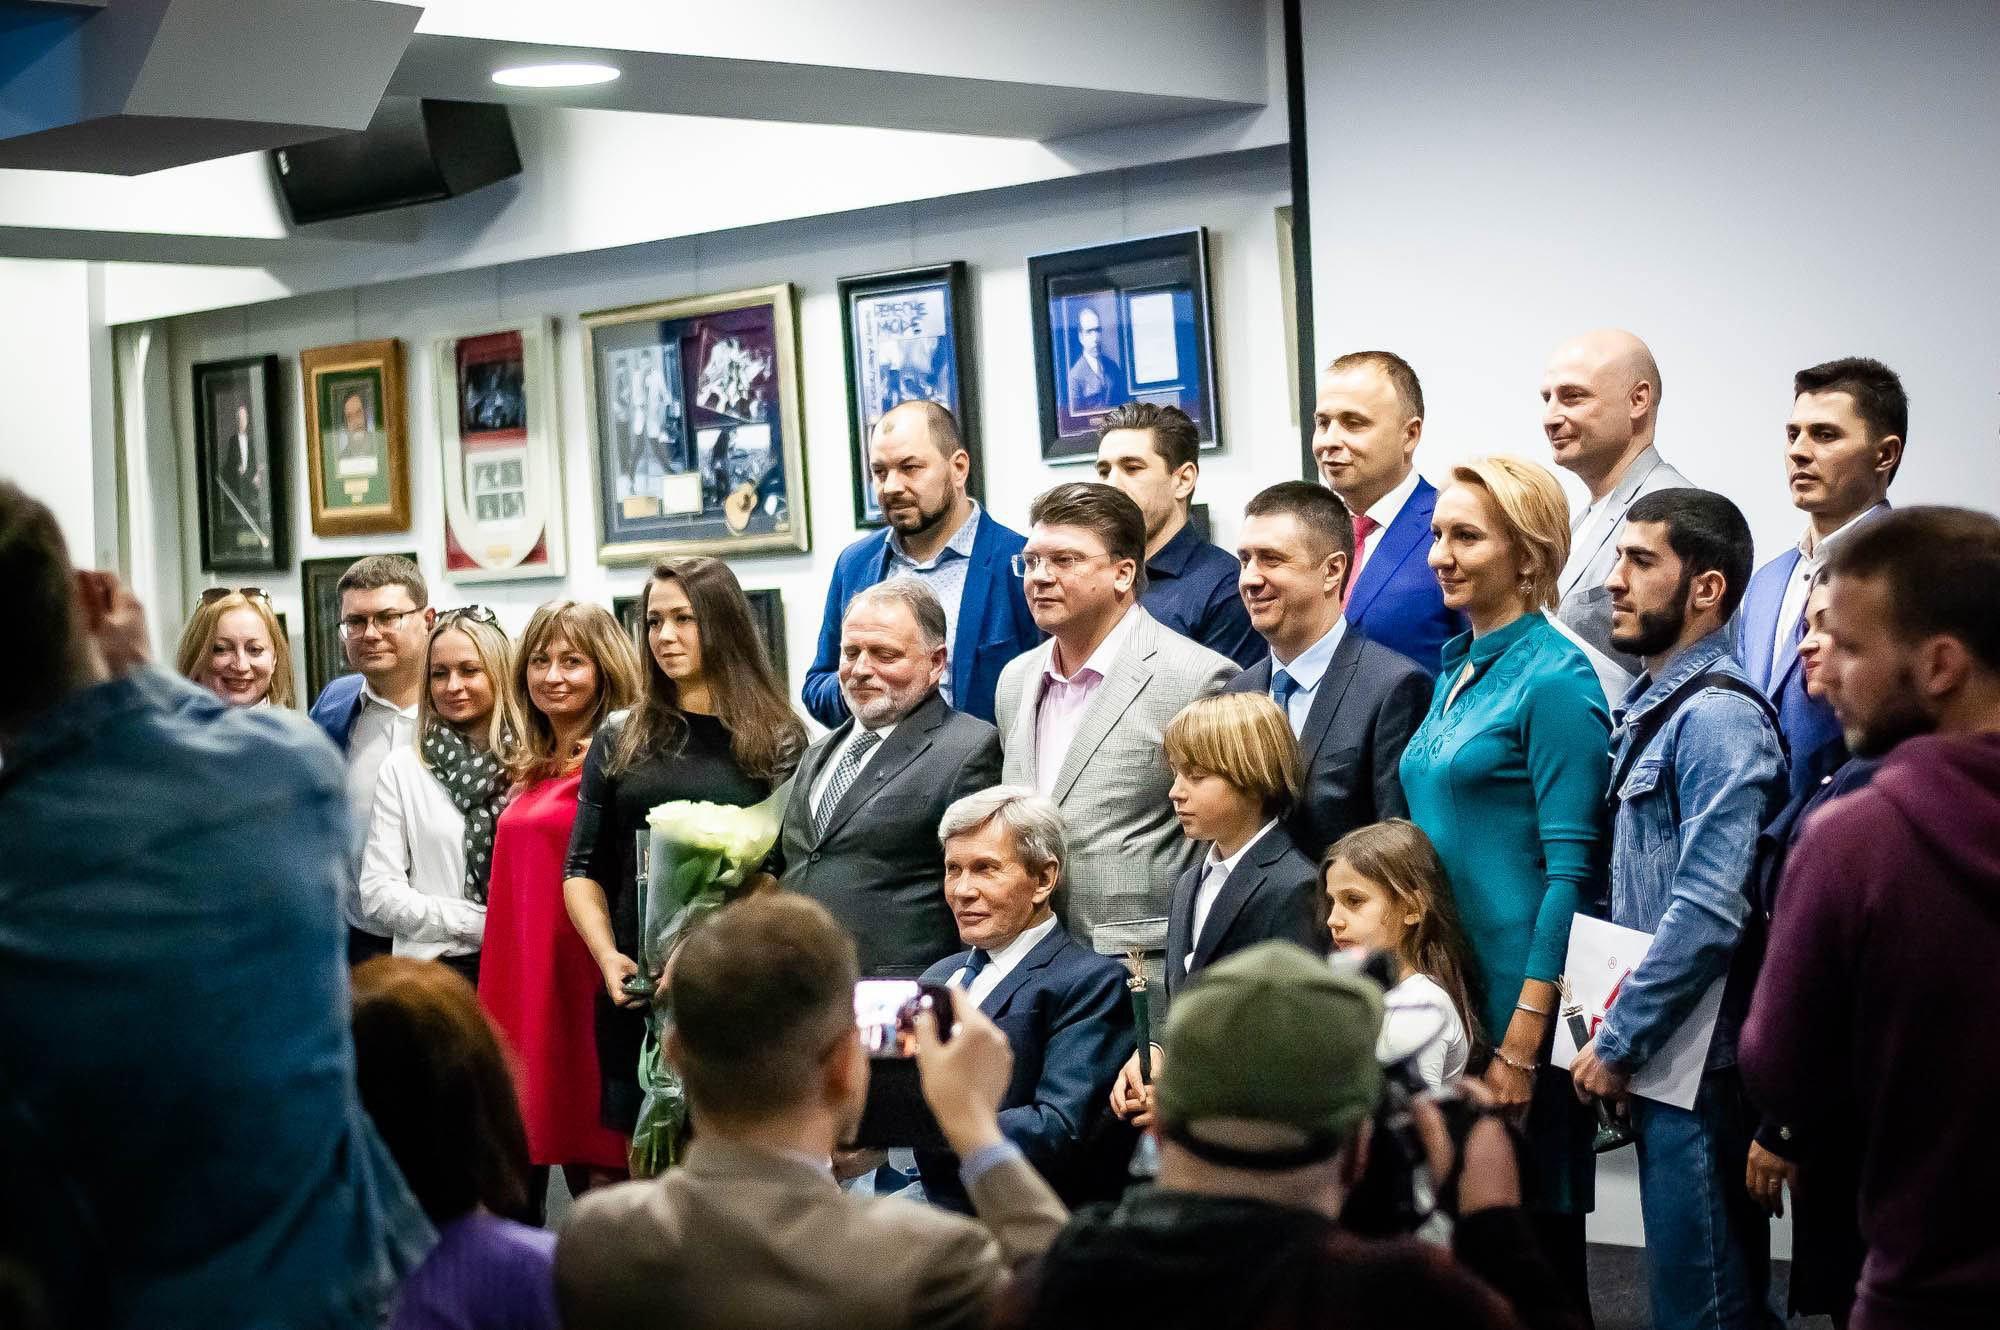 У Києві відбулася церемонія нагородження премії «Зірки спортивного року»: як це було